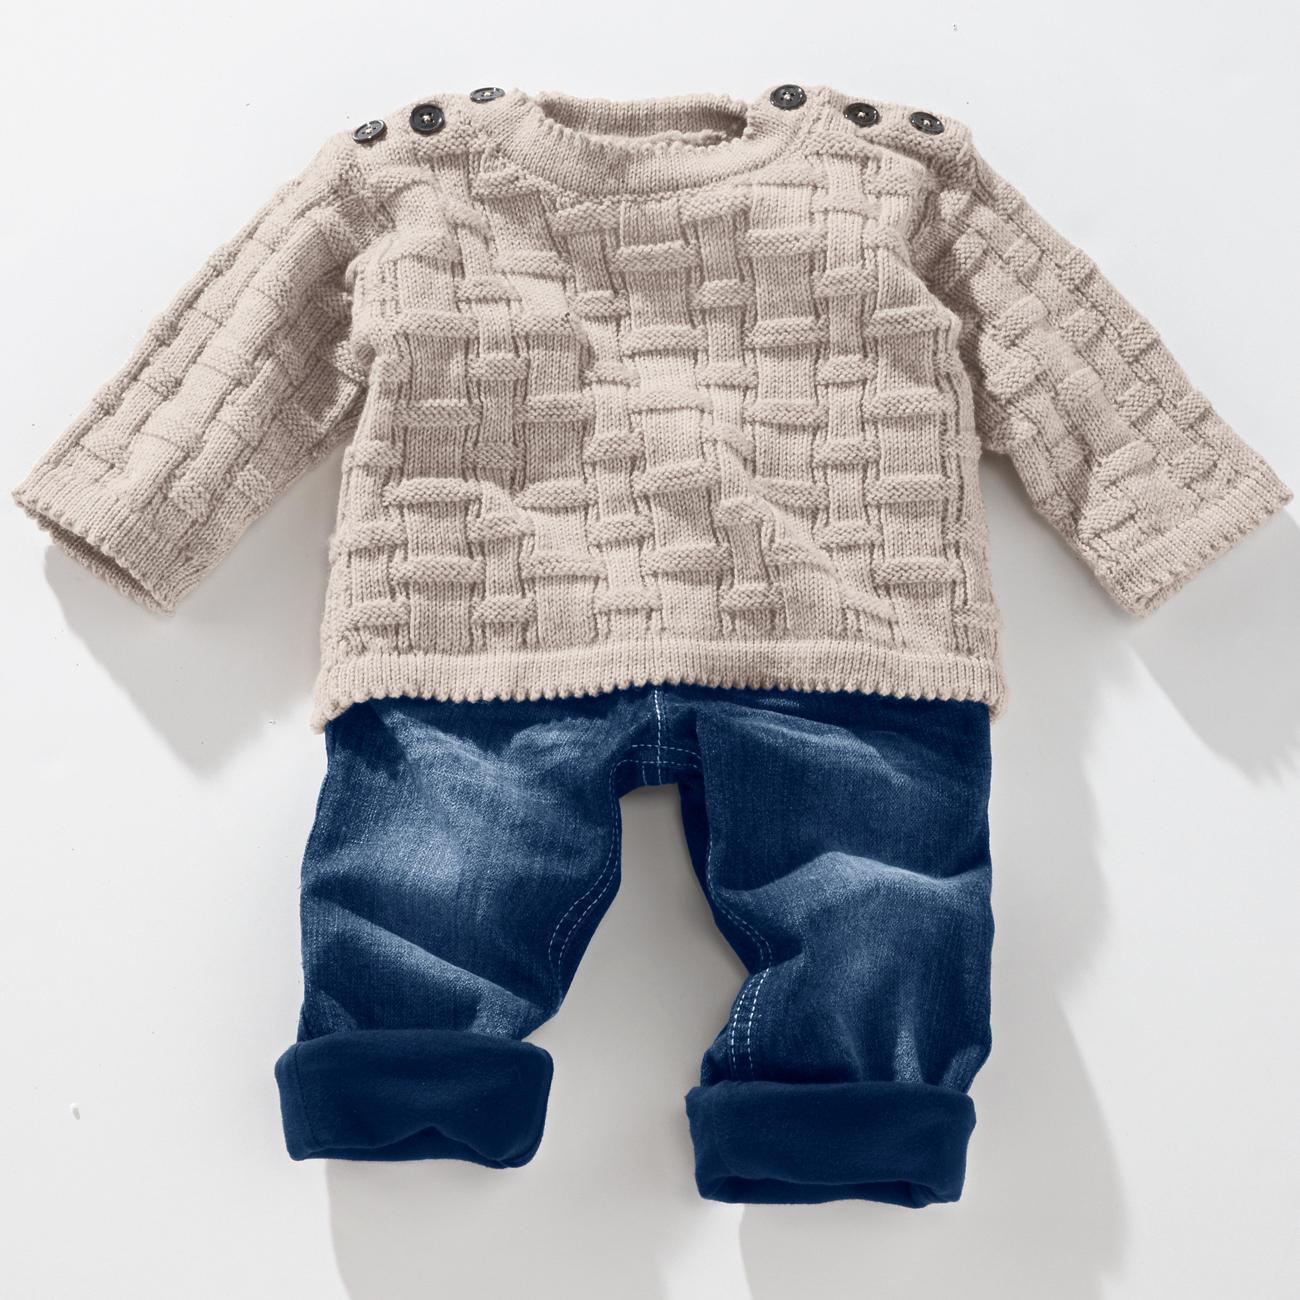 Babypulli Häkeln | My blog